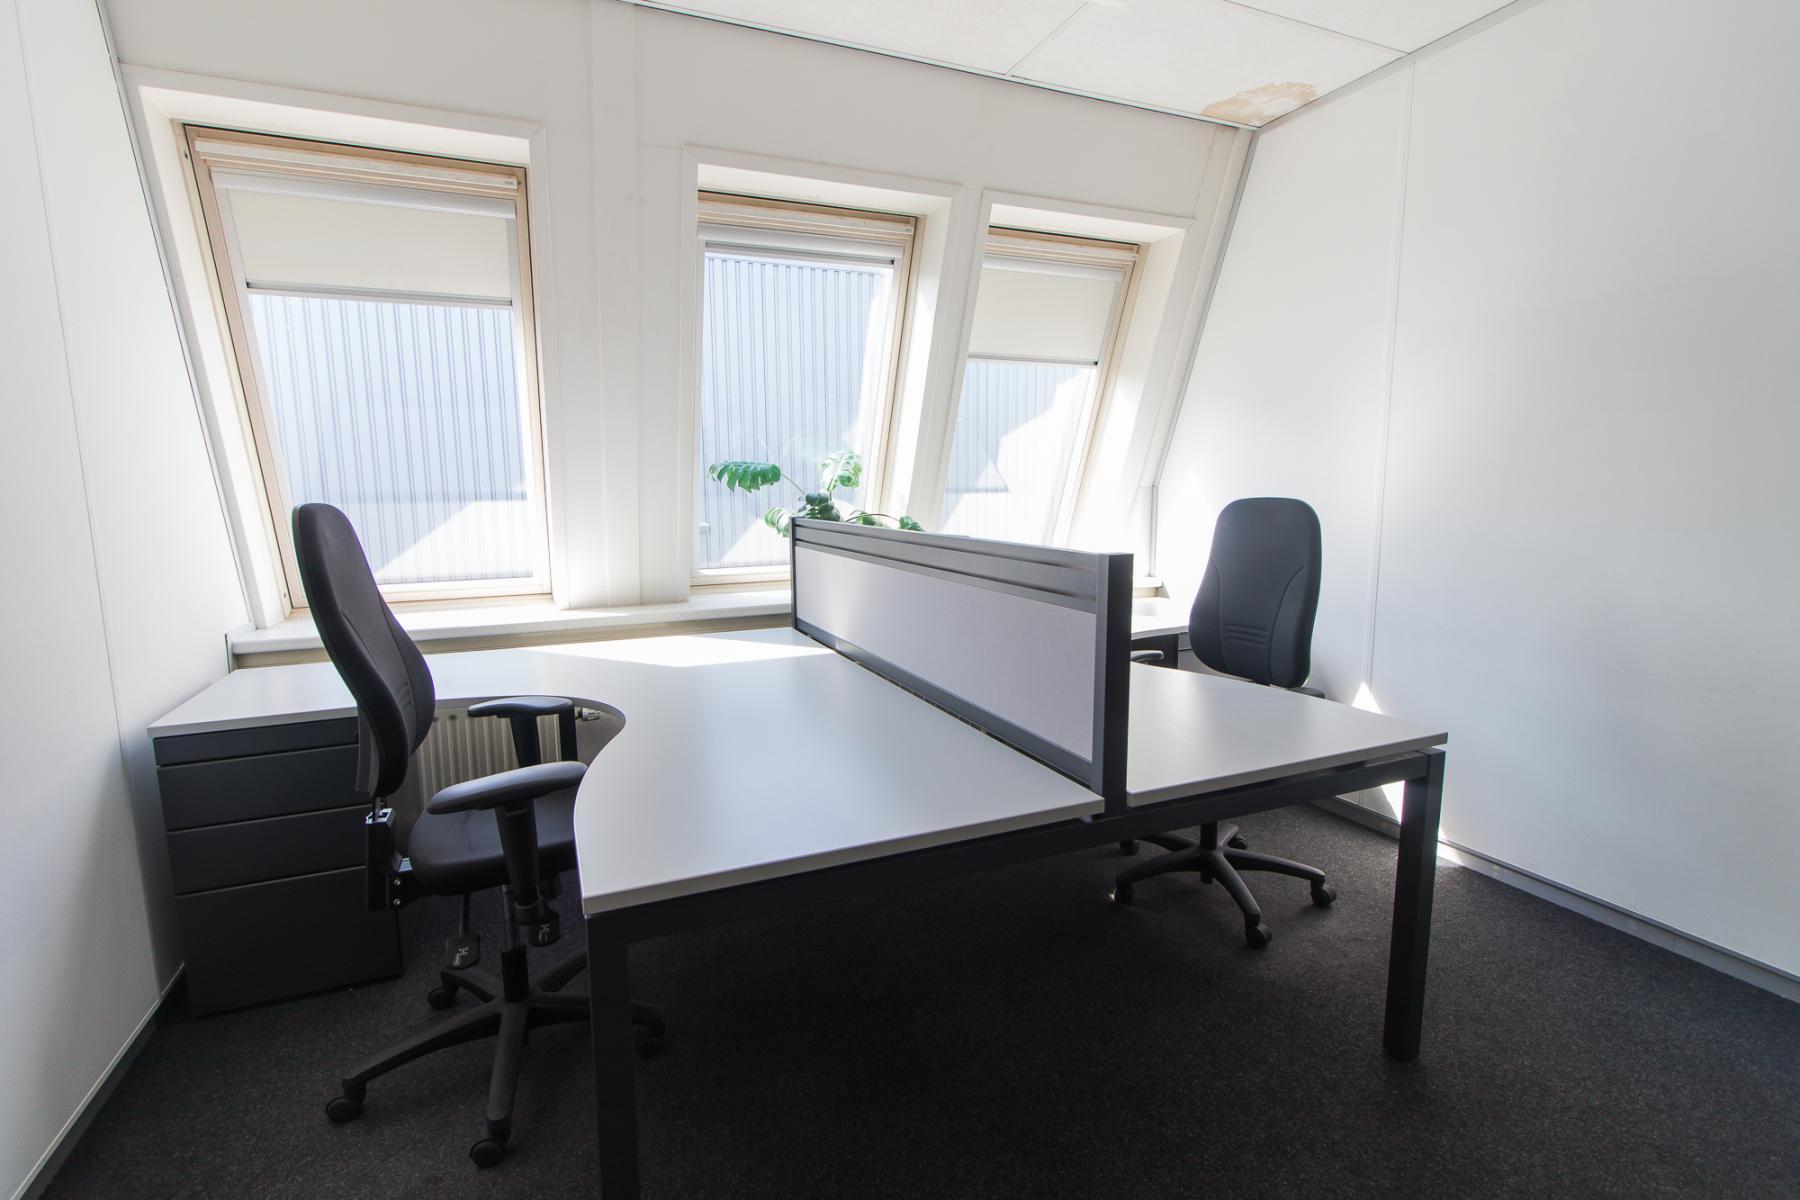 Office spaces for rent in Dordrecht